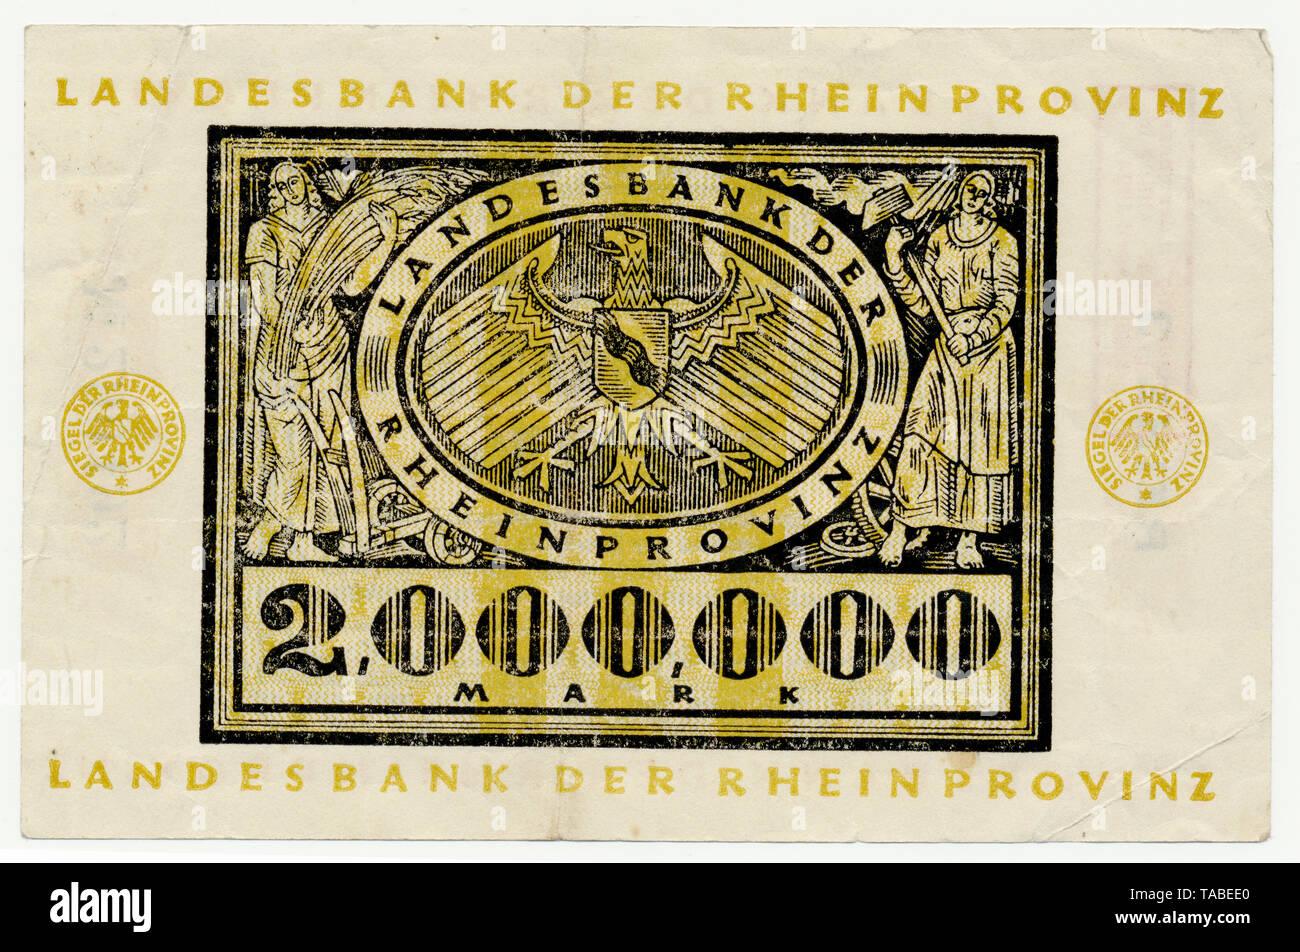 Rückseite der Reichsbank Banknote, Rückseite einer Banknote, Landesbank der Rheinprovinz, 2 Millionen Mark, 1924, Inflationsgeld, Deutschland, Europa Stockbild